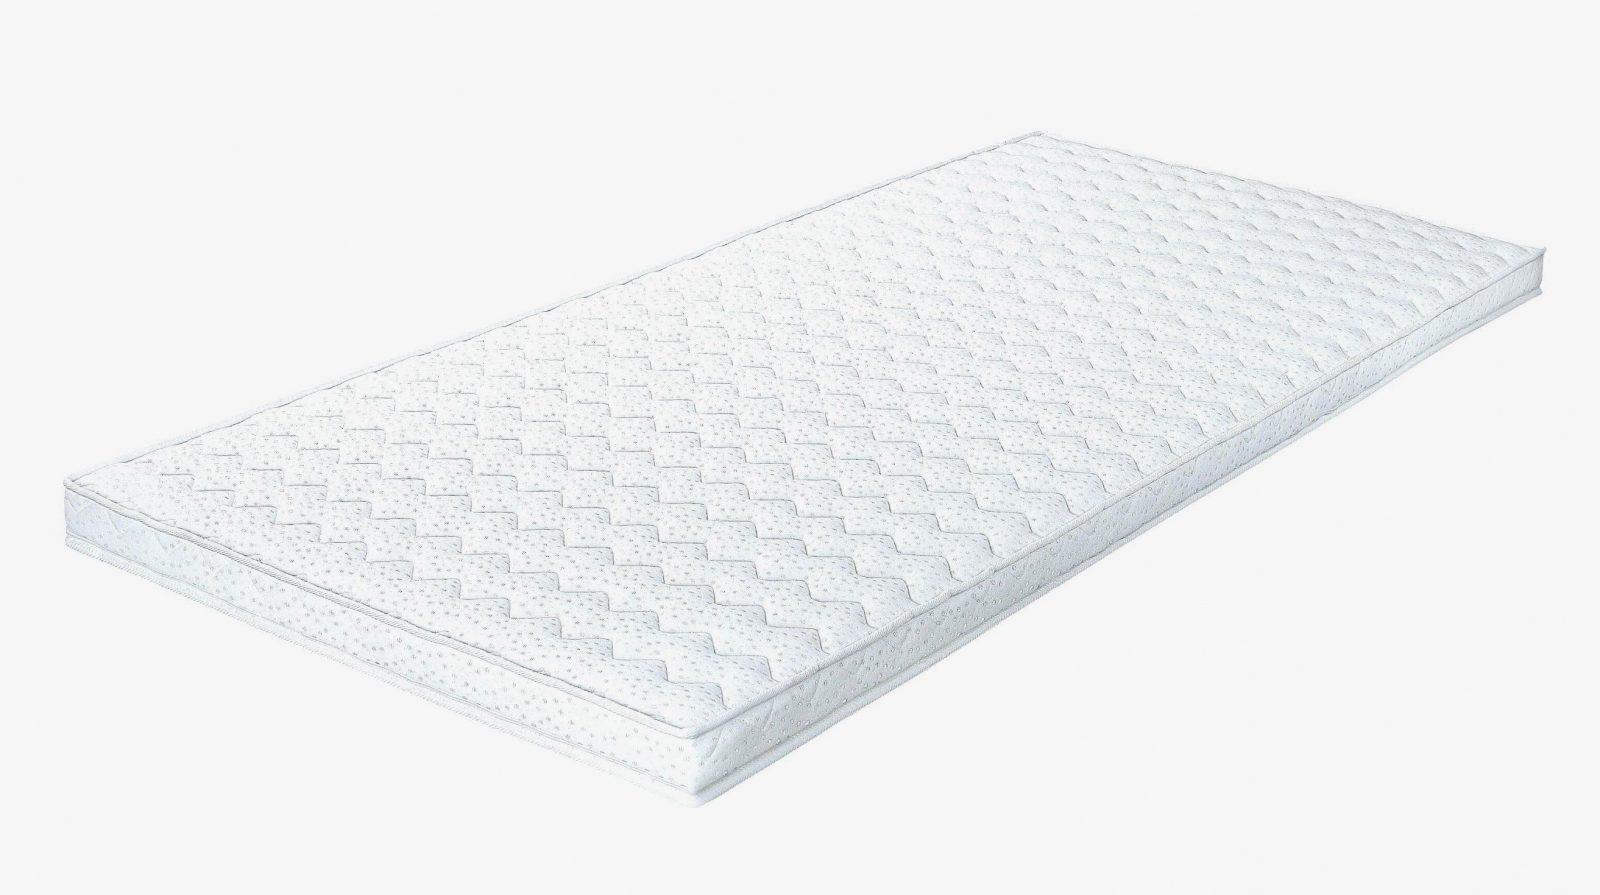 h usliche verbesserung matratze 100x200 test ziemlich matratzen von dormia matratze aldi 2015. Black Bedroom Furniture Sets. Home Design Ideas